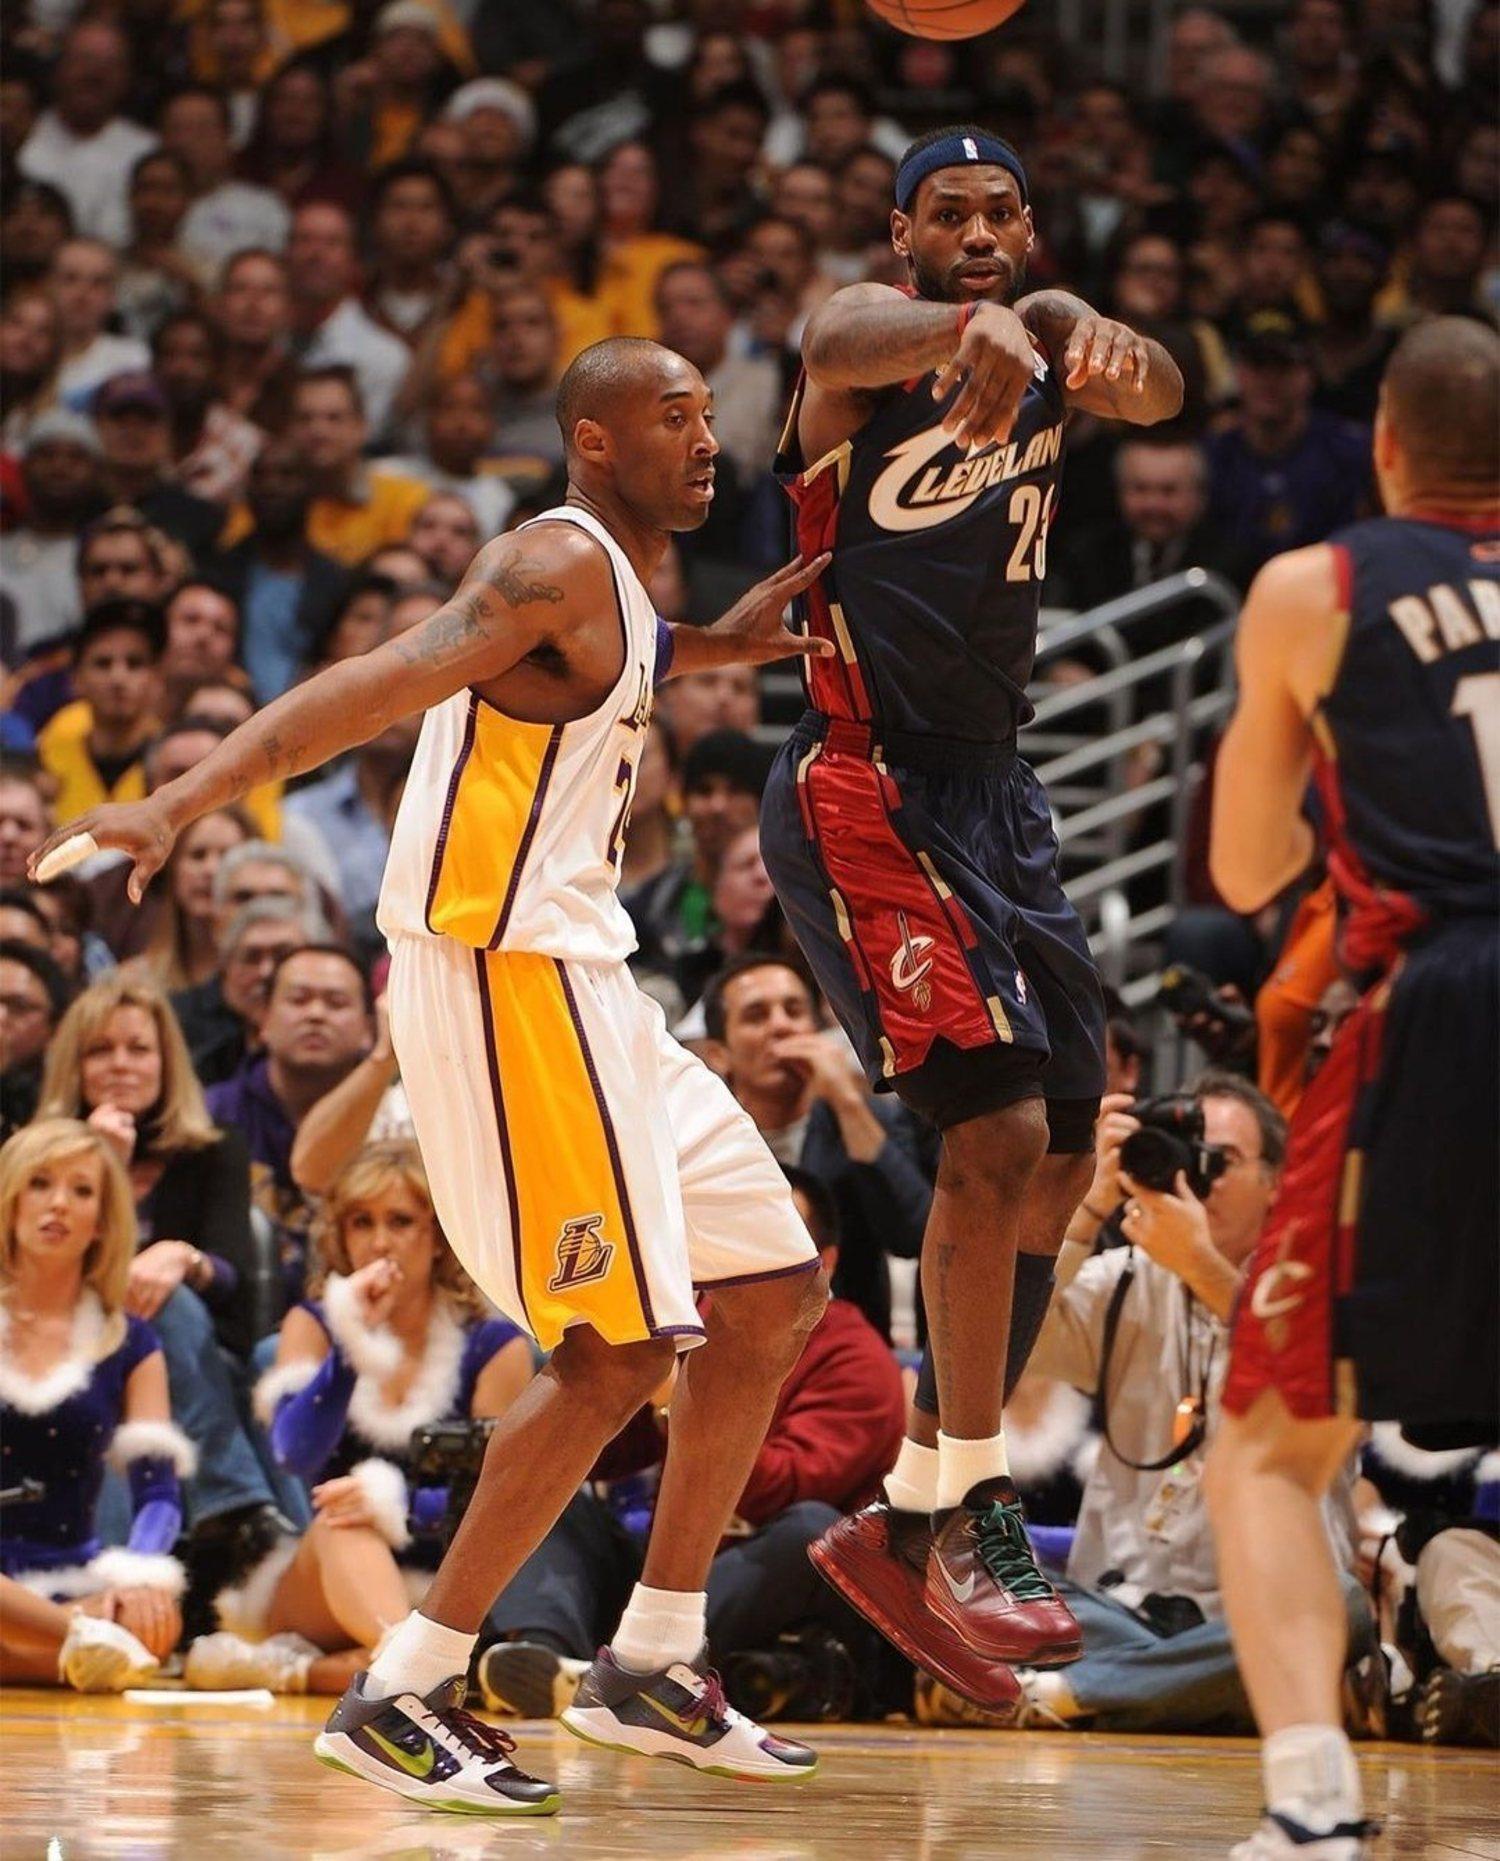 Las zapatillas de LeBron en el partido de 2009.